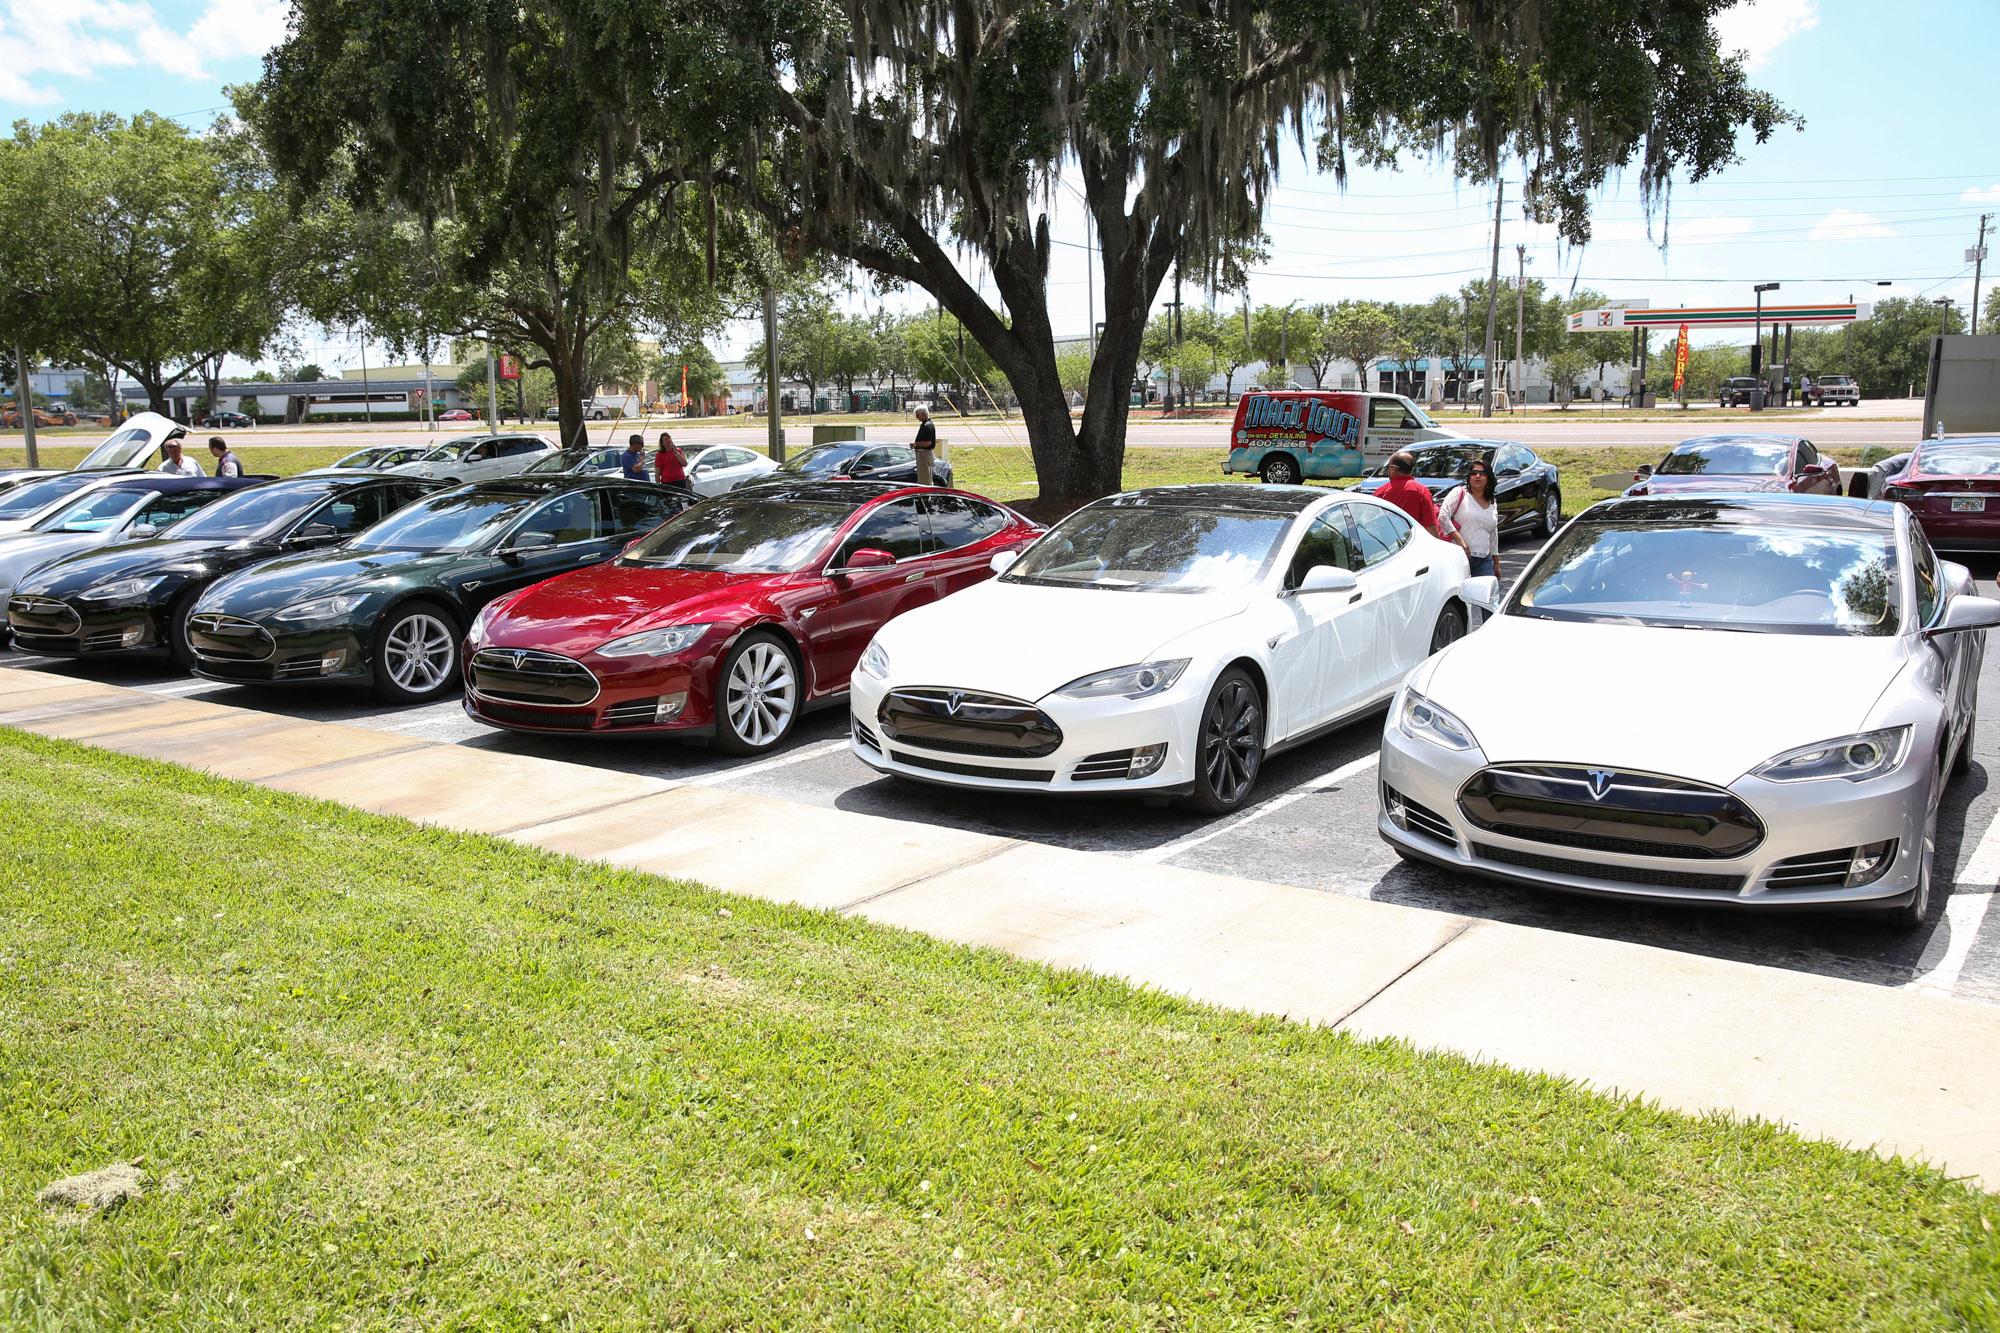 TeslaMotorsClub_Tampa_28APR13_0103.jpg